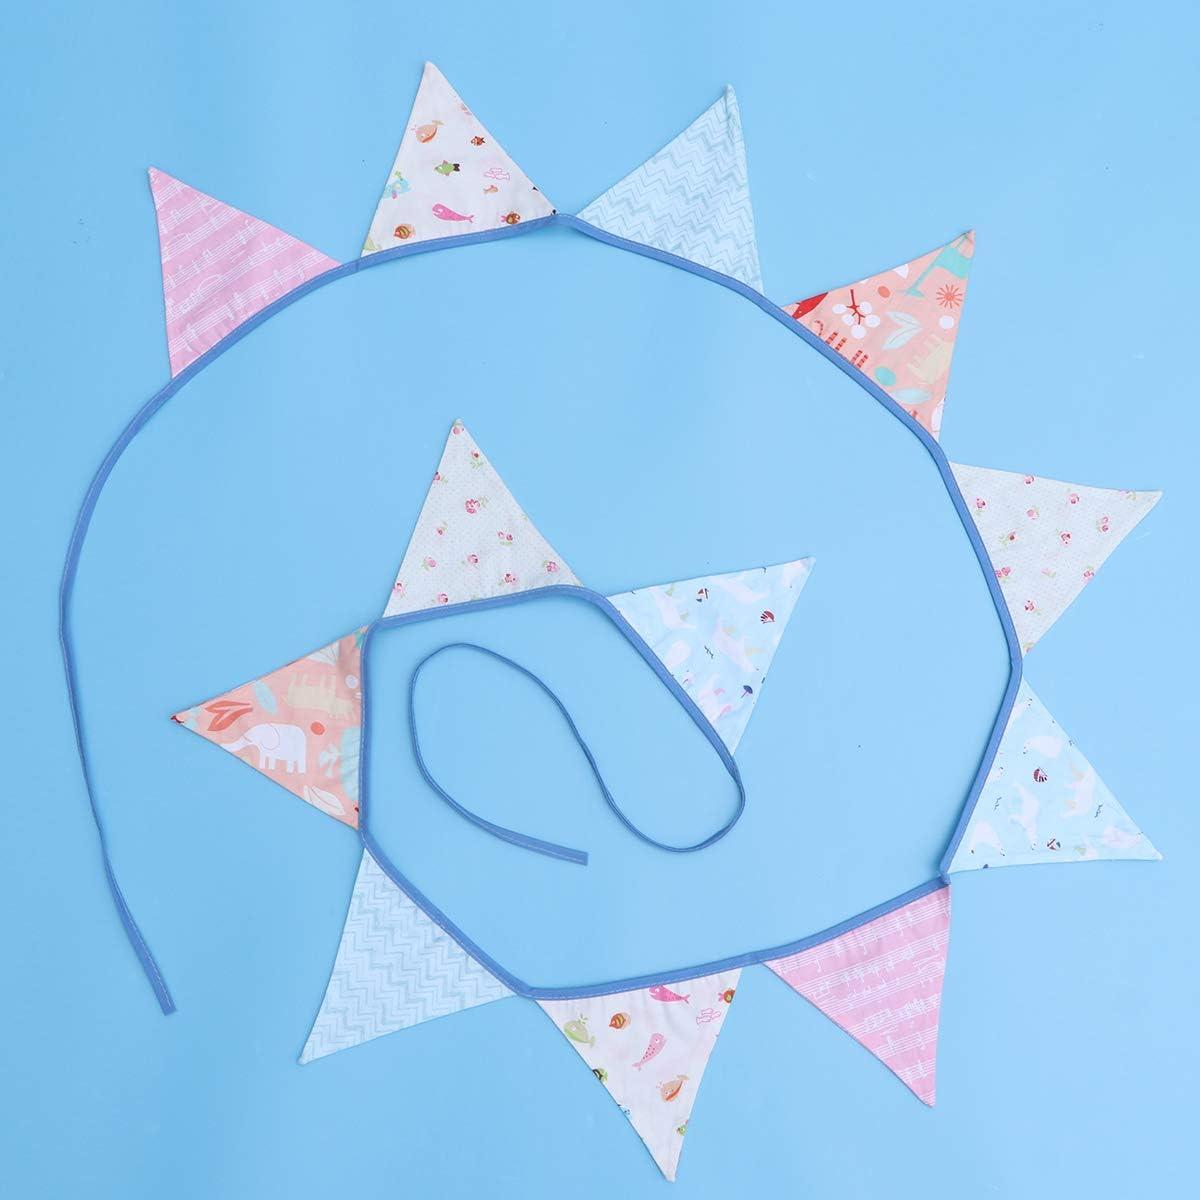 BESTOYARD 3M Banderines Banners Banner Adorable Animales Tela de algod/ón Bunting Garland 12 Banderas Triangulares Decoraci/ón para el cumplea/ños de la Boda Baby Shower Graduaci/ón